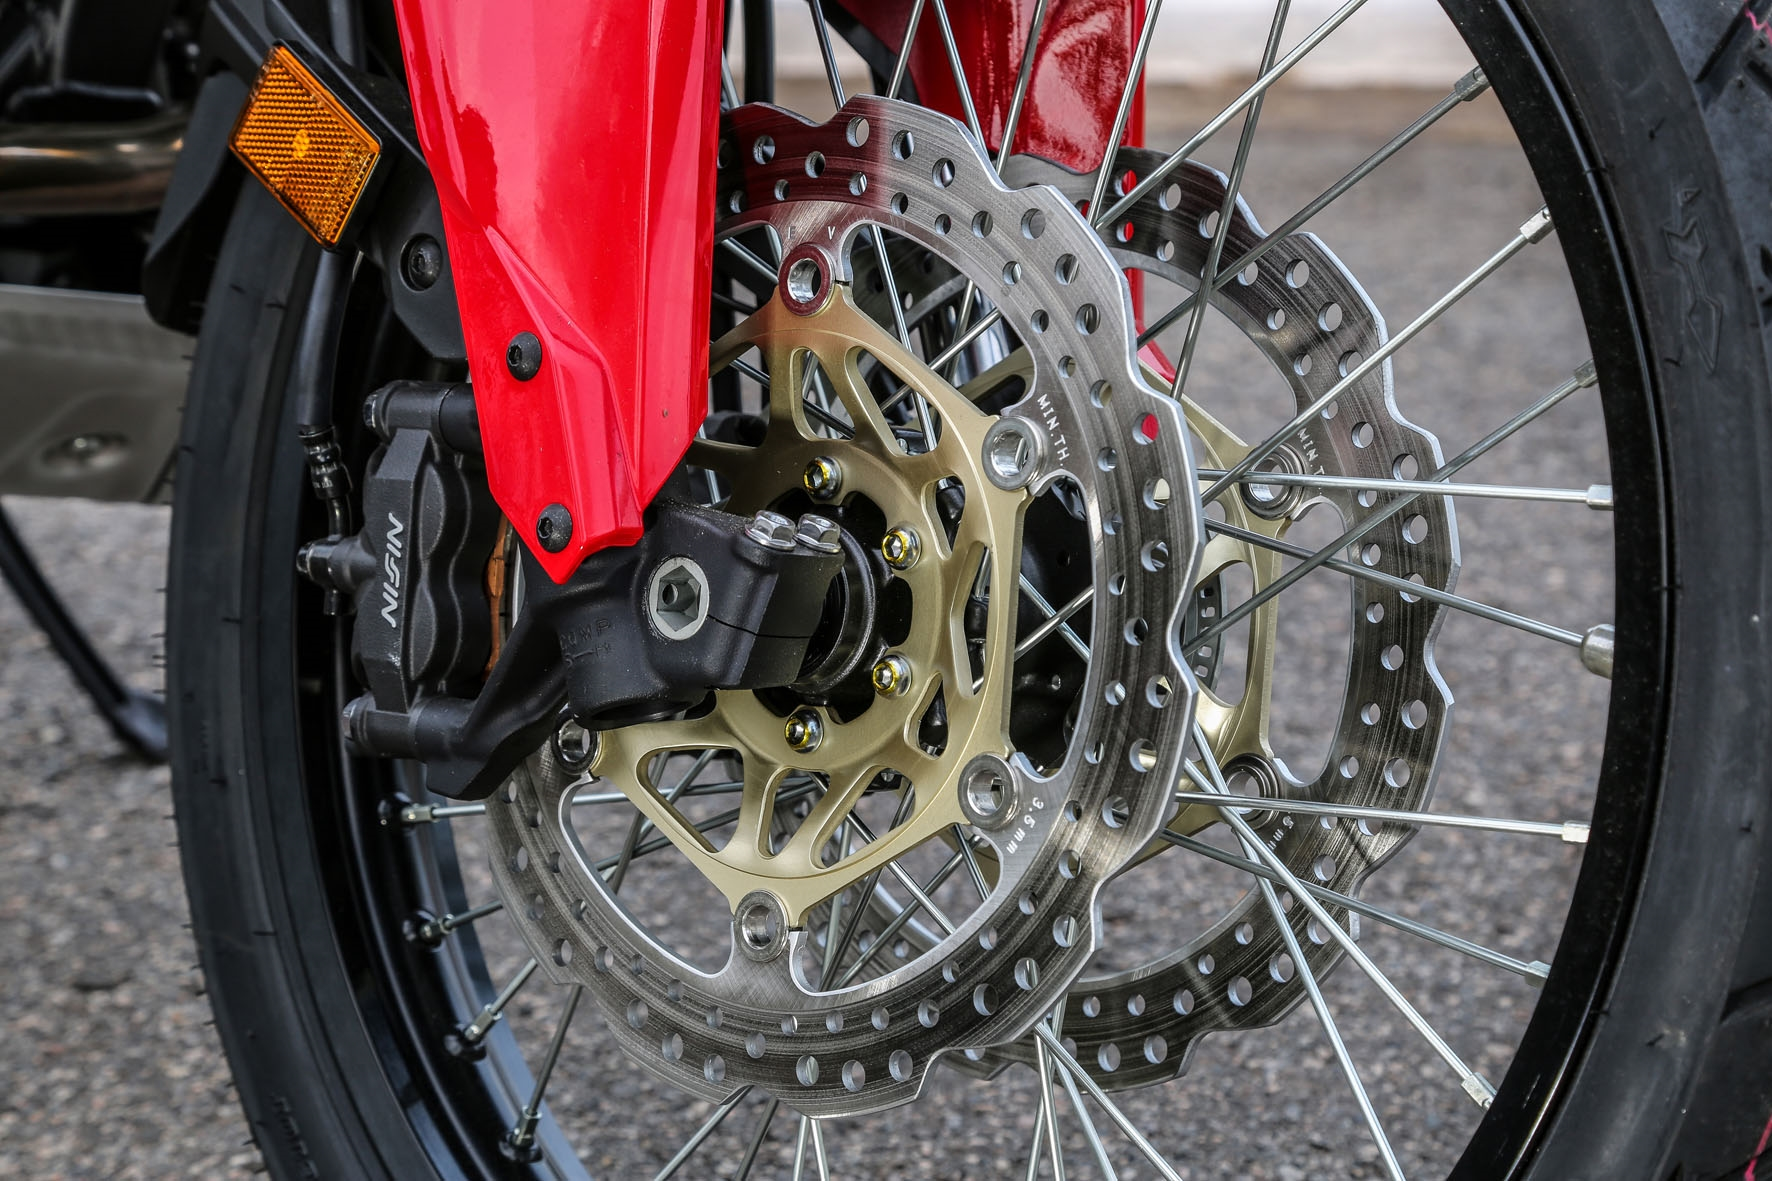 Roda dianteira de 21 polegadas da Africa Twin garante diversão para entusiastas do fora-de-estrada